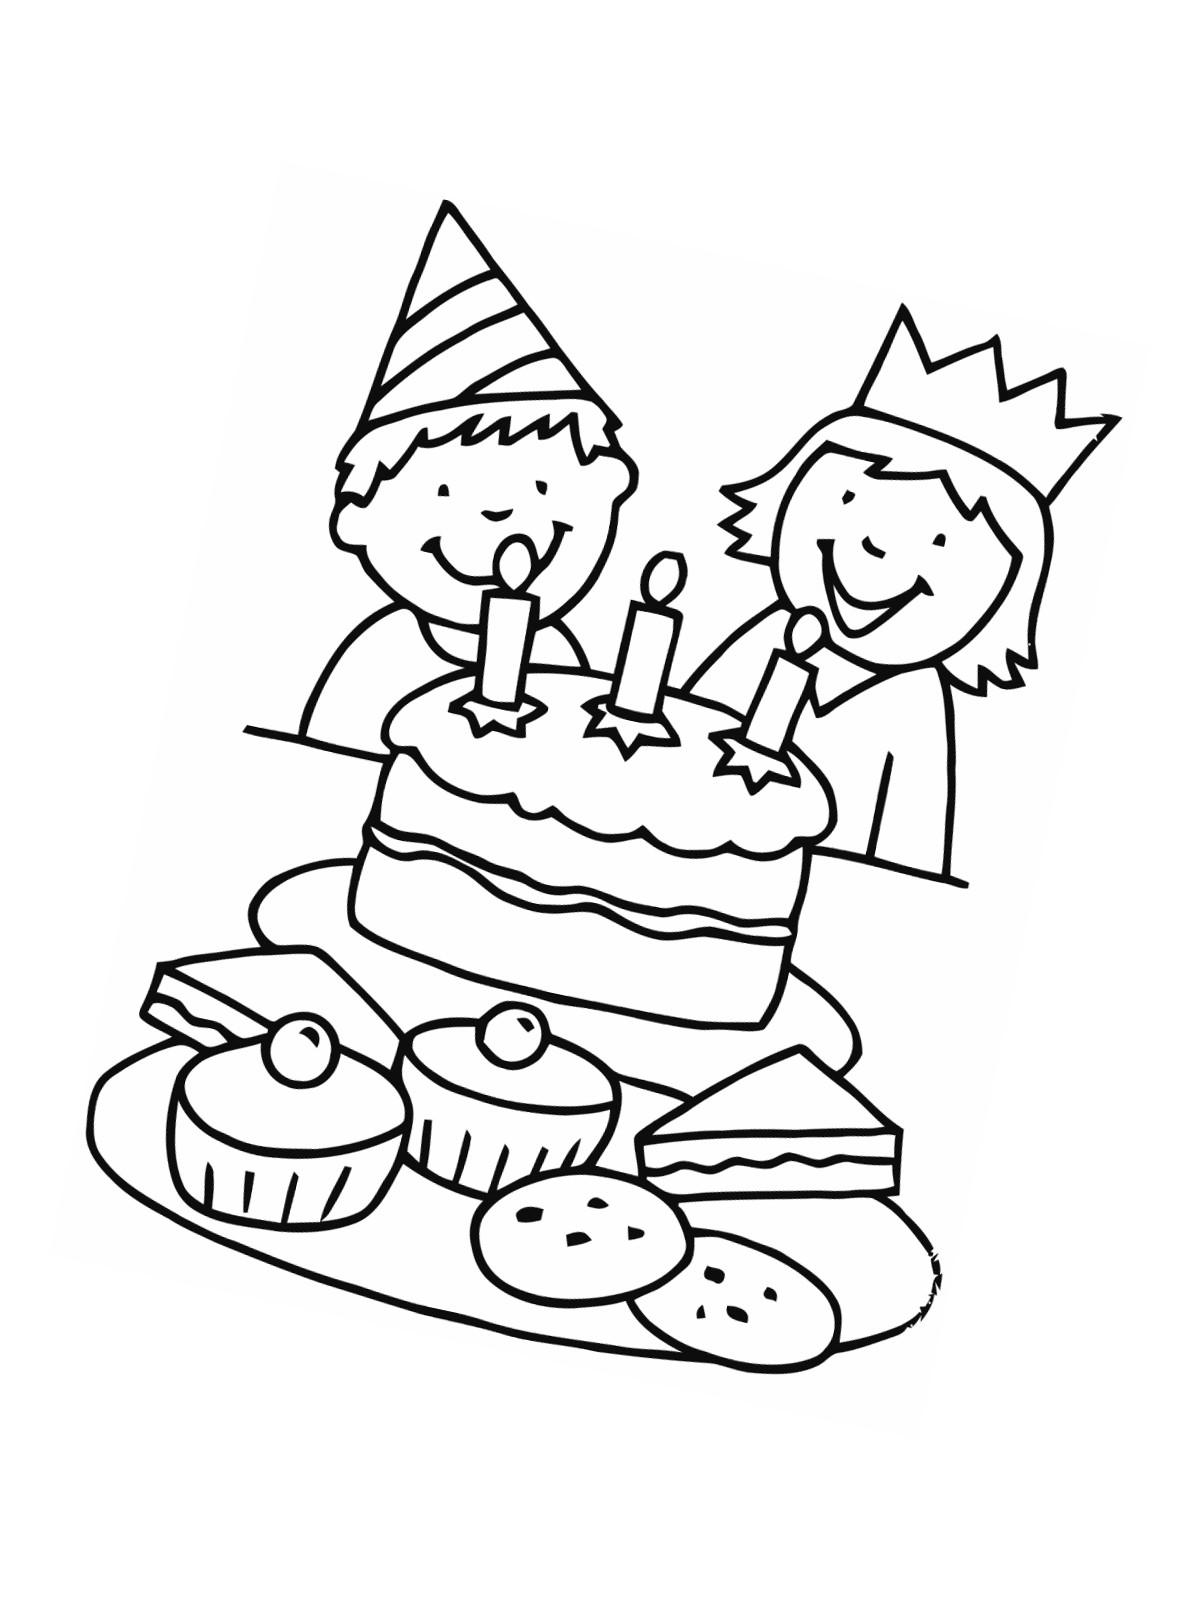 Ausmalbilder Geburtstag Zum Ausdrucken  Ausmalbilder Malvorlagen zum Geburtstag kostenlos zum